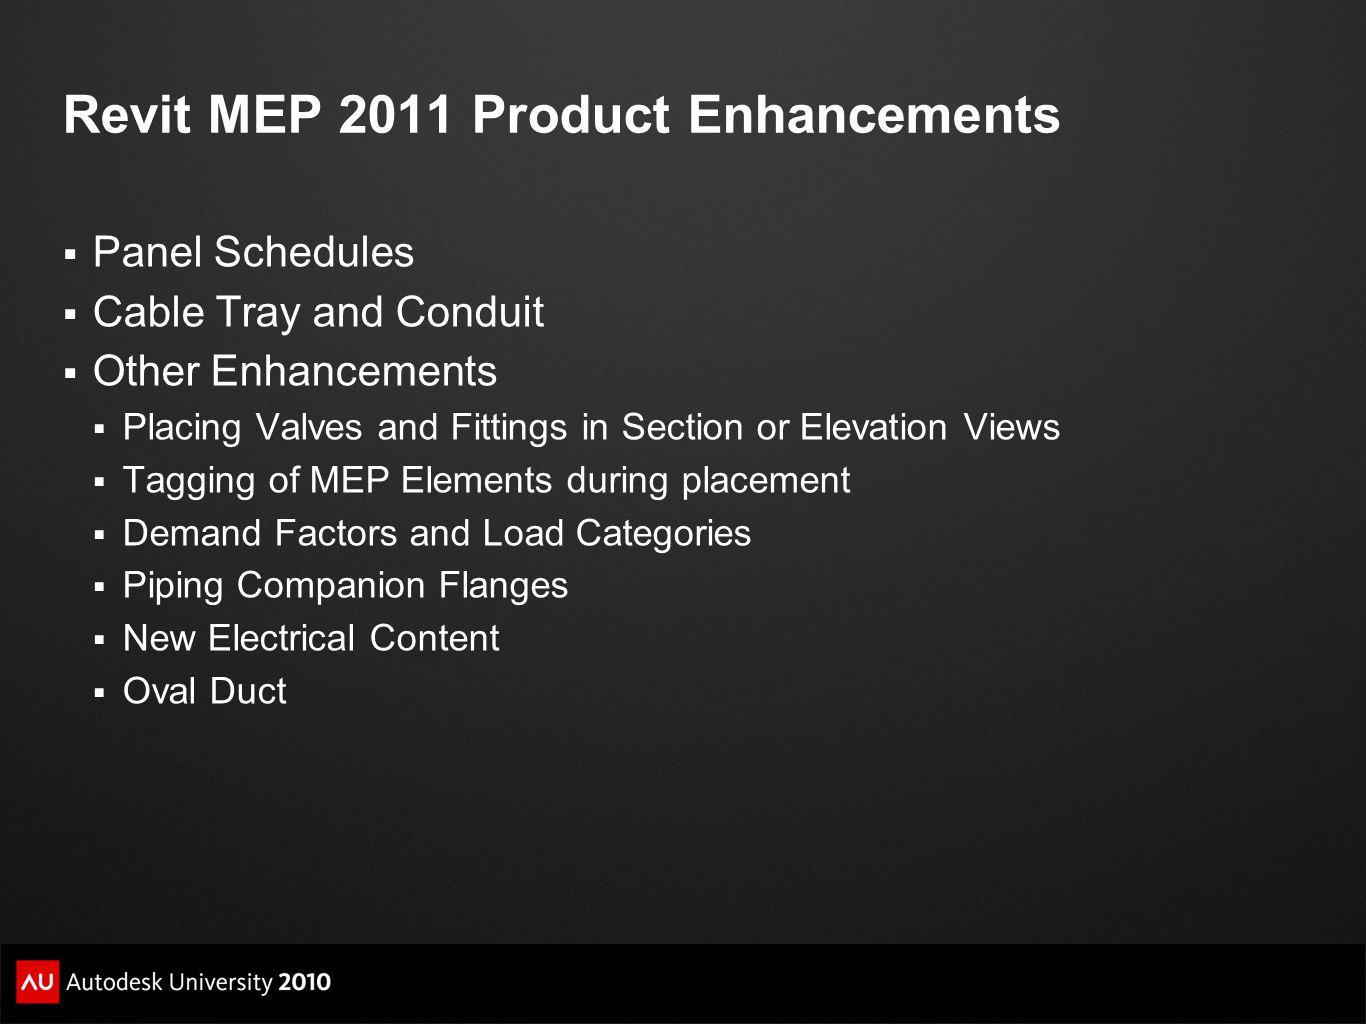 Revit MEP 2011 Product Enhancements